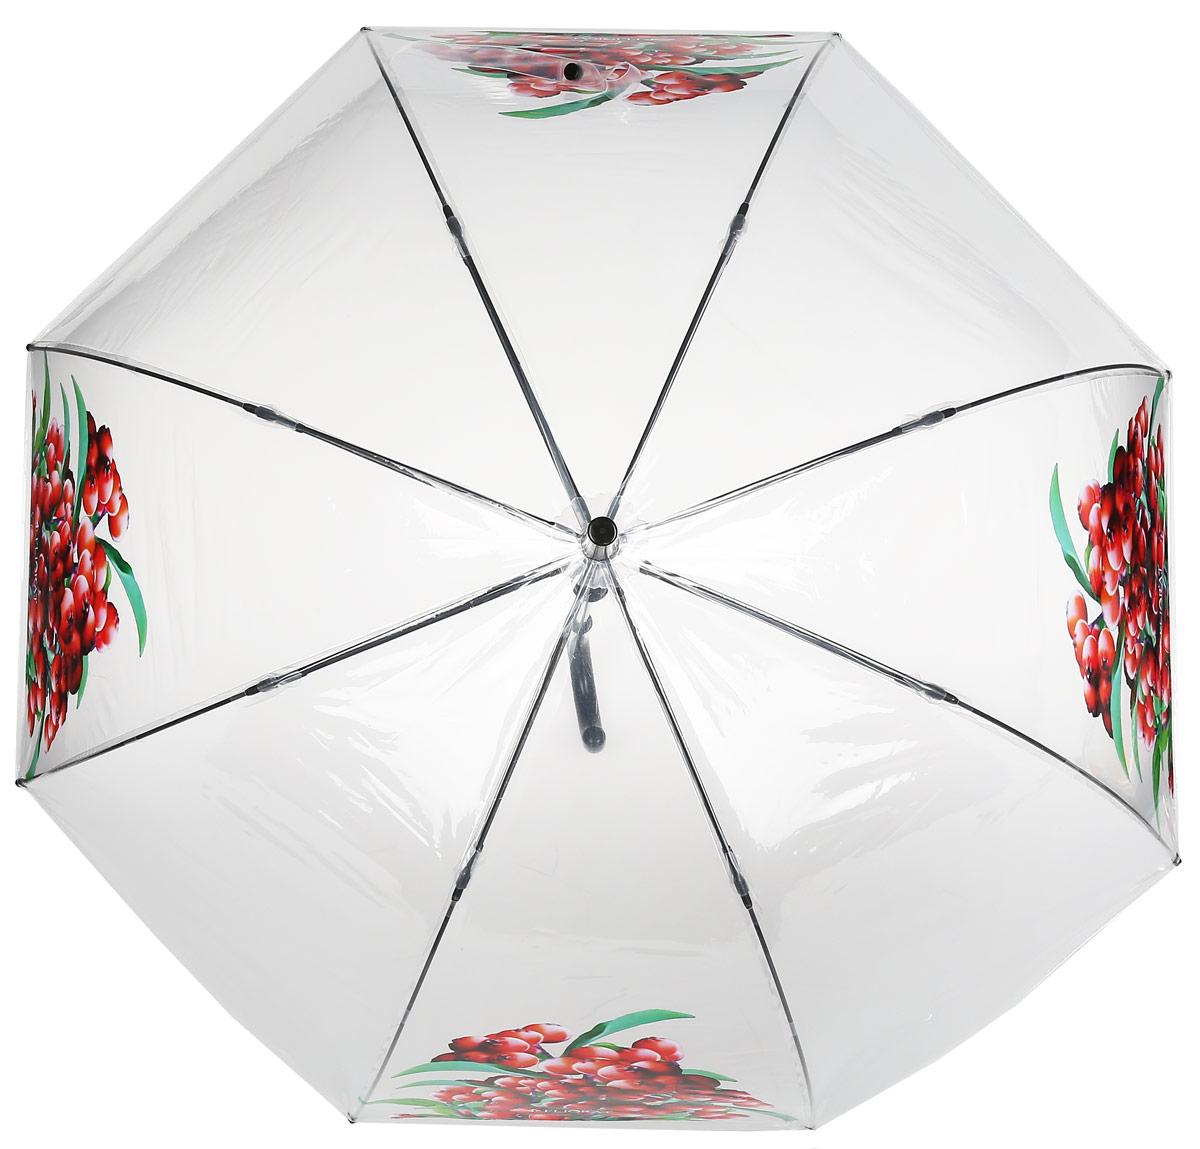 Зонт женский Flioraj, механика, трость, цвет: белый, красный. 121206 FJ121206 FJЭлегантный зонт Flioraj выполнен из высококачественного полиэстера, не пропускающего воду. Уникальный каркас из анодированной стали, карбоновые спицы помогут выдержать натиск ураганного ветра. Улучшенный механизм зонта, максимально комфортная ручка держателя, увеличенный в длину стержень, тефлоновая пропитка материала купола - совершенство конструкции с изысканностью изделия на фоне конкурентоспособной цены.